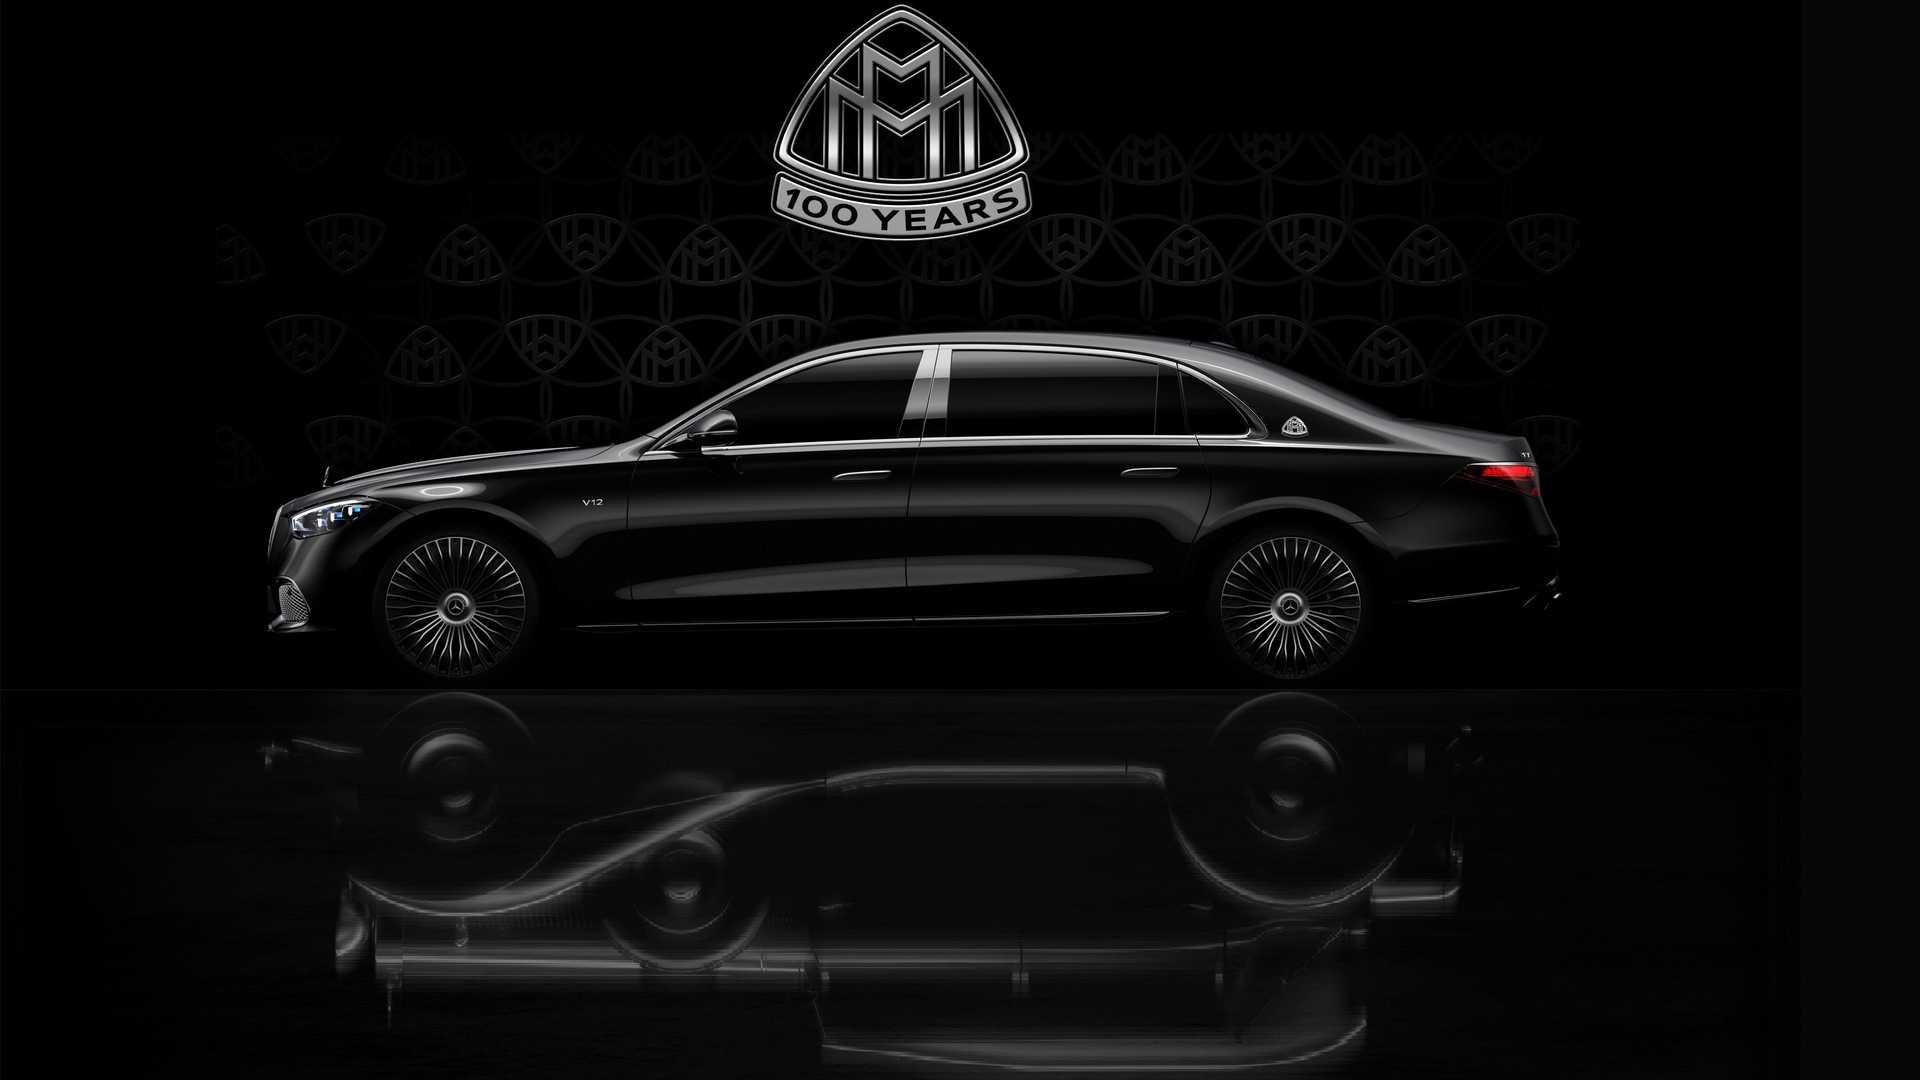 mercedes-maybach-s-class-v12-teaser.jpeg